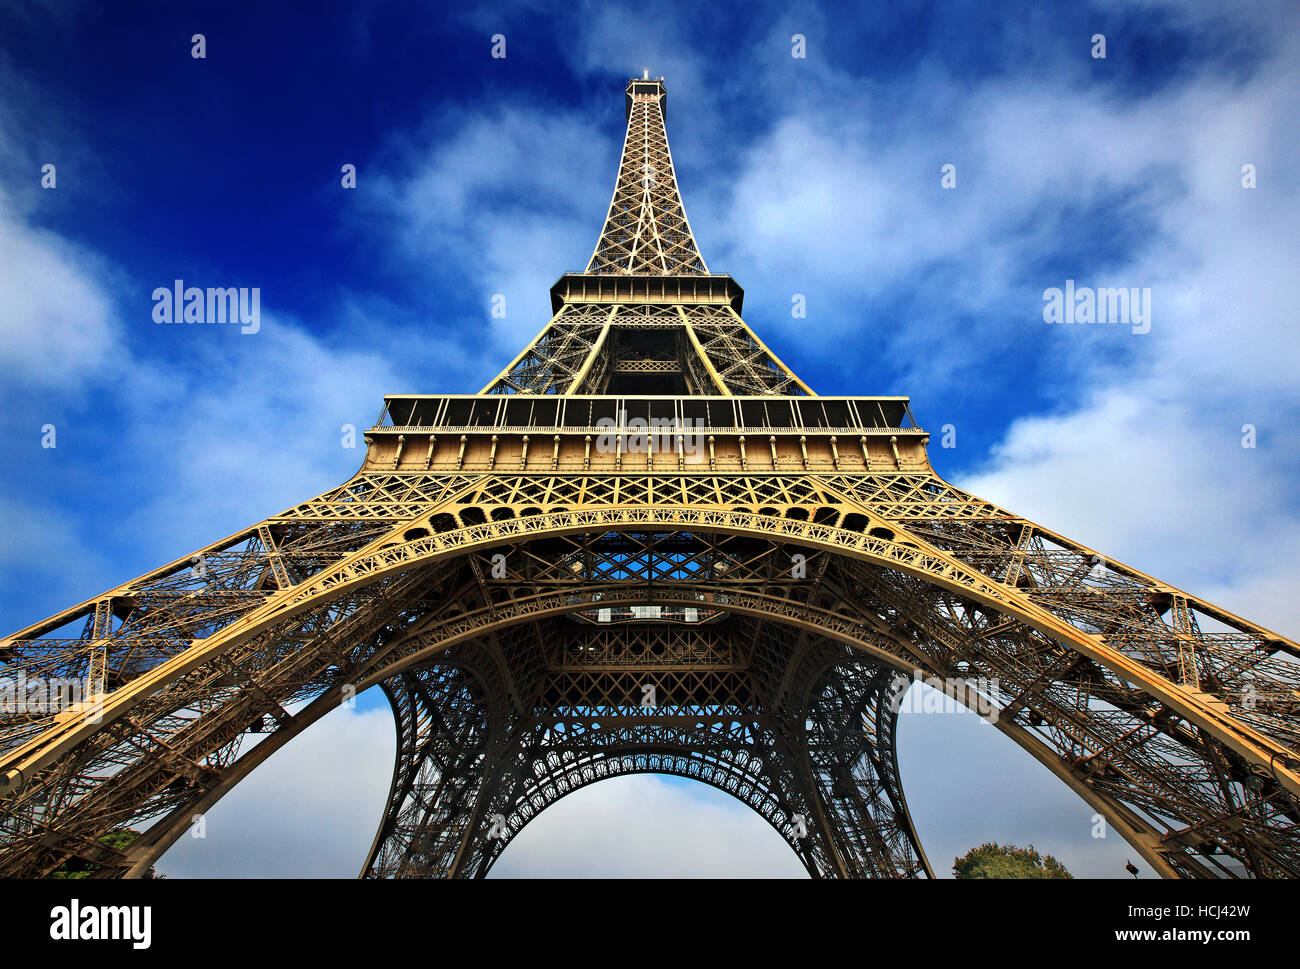 La Tour Eiffel, Paris, France Photo Stock